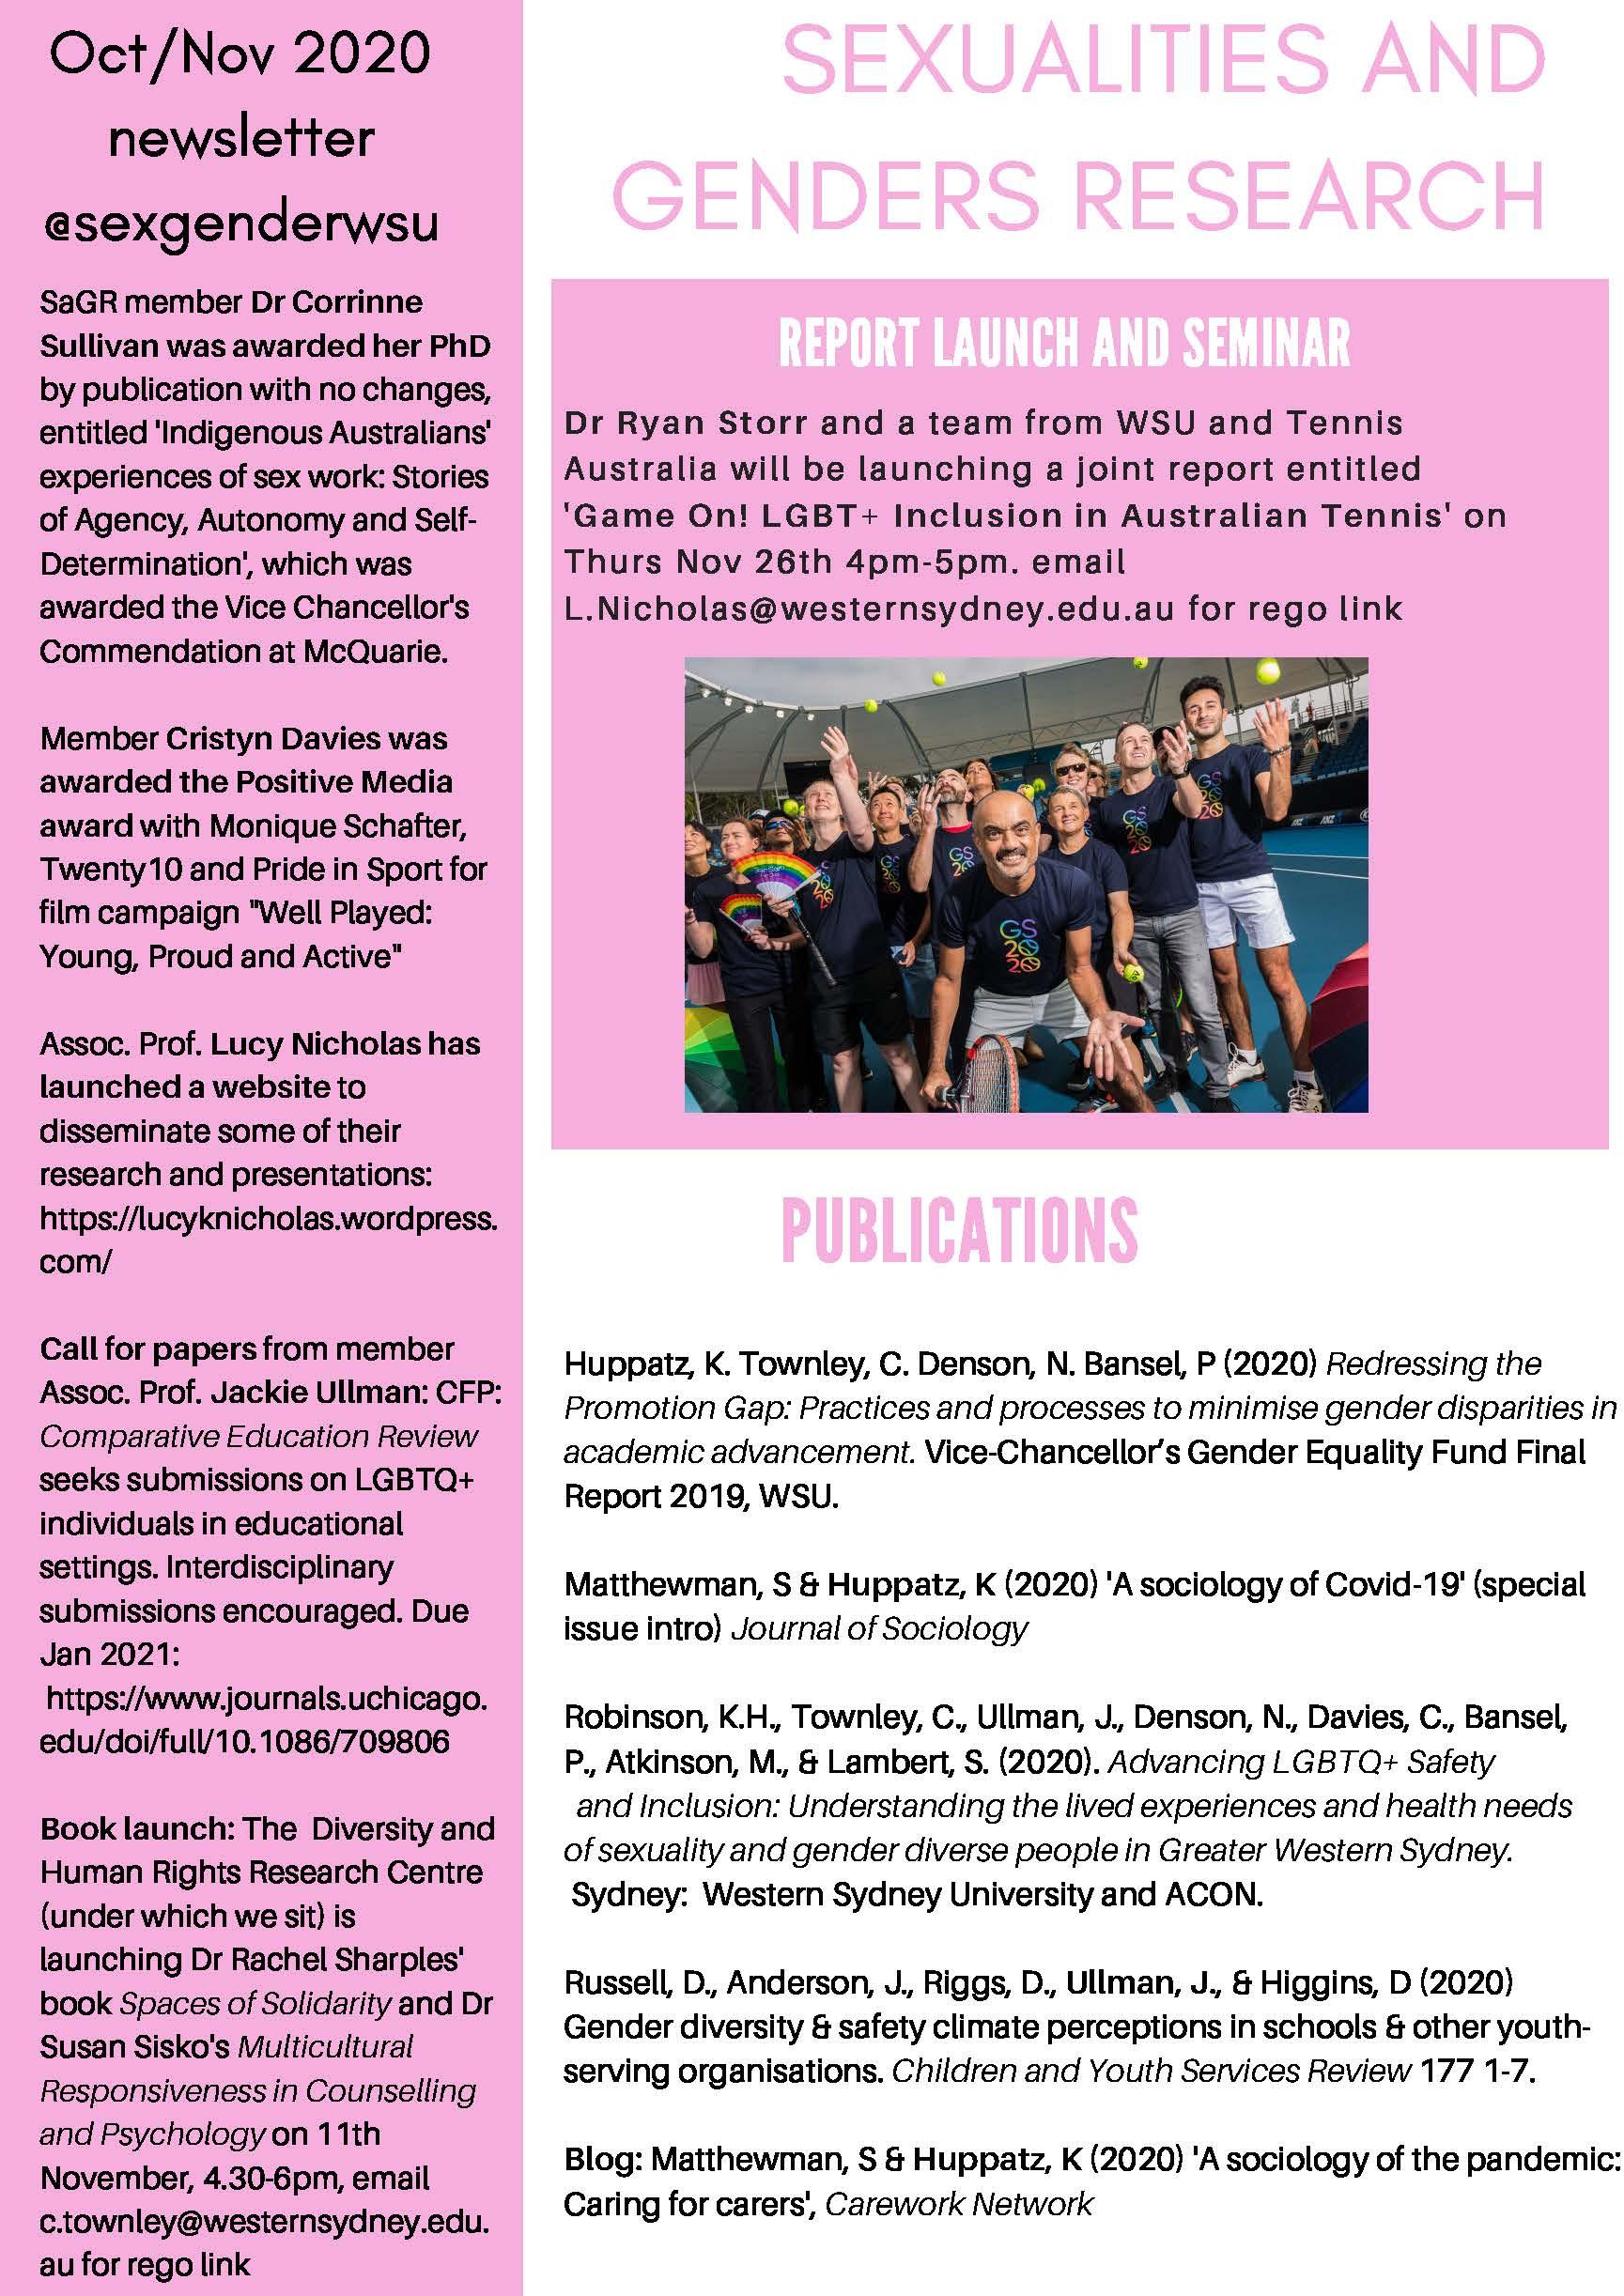 OctNov 2020 SAGR Newsletter